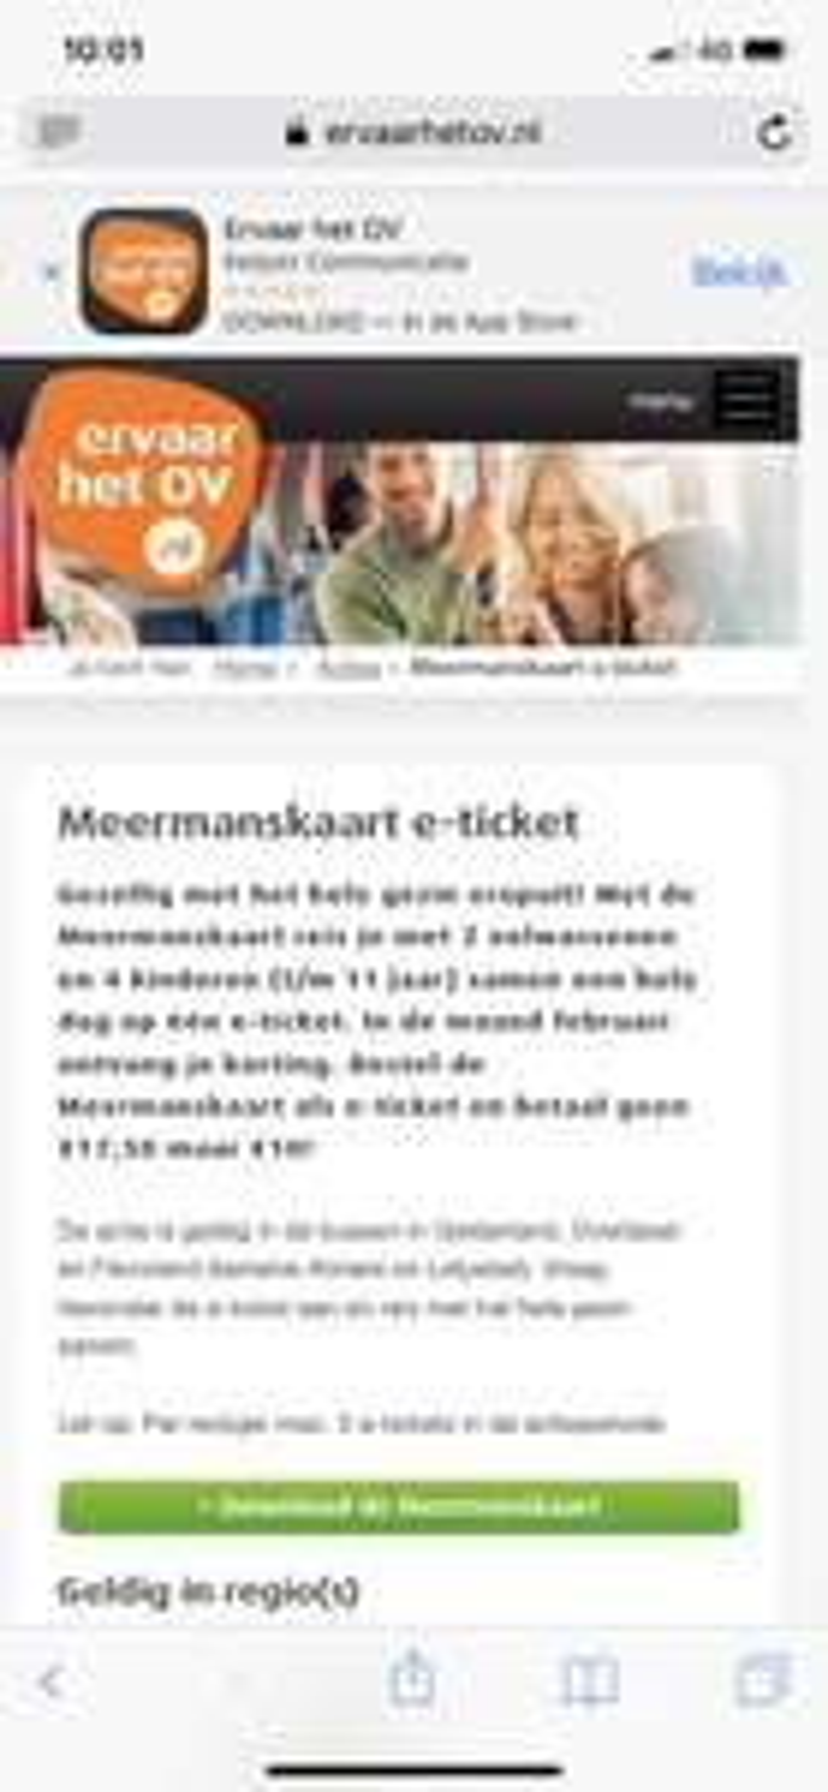 Reizen in de bus dagkaart 2 volwassenen 4 kinderen voor 10 euro!